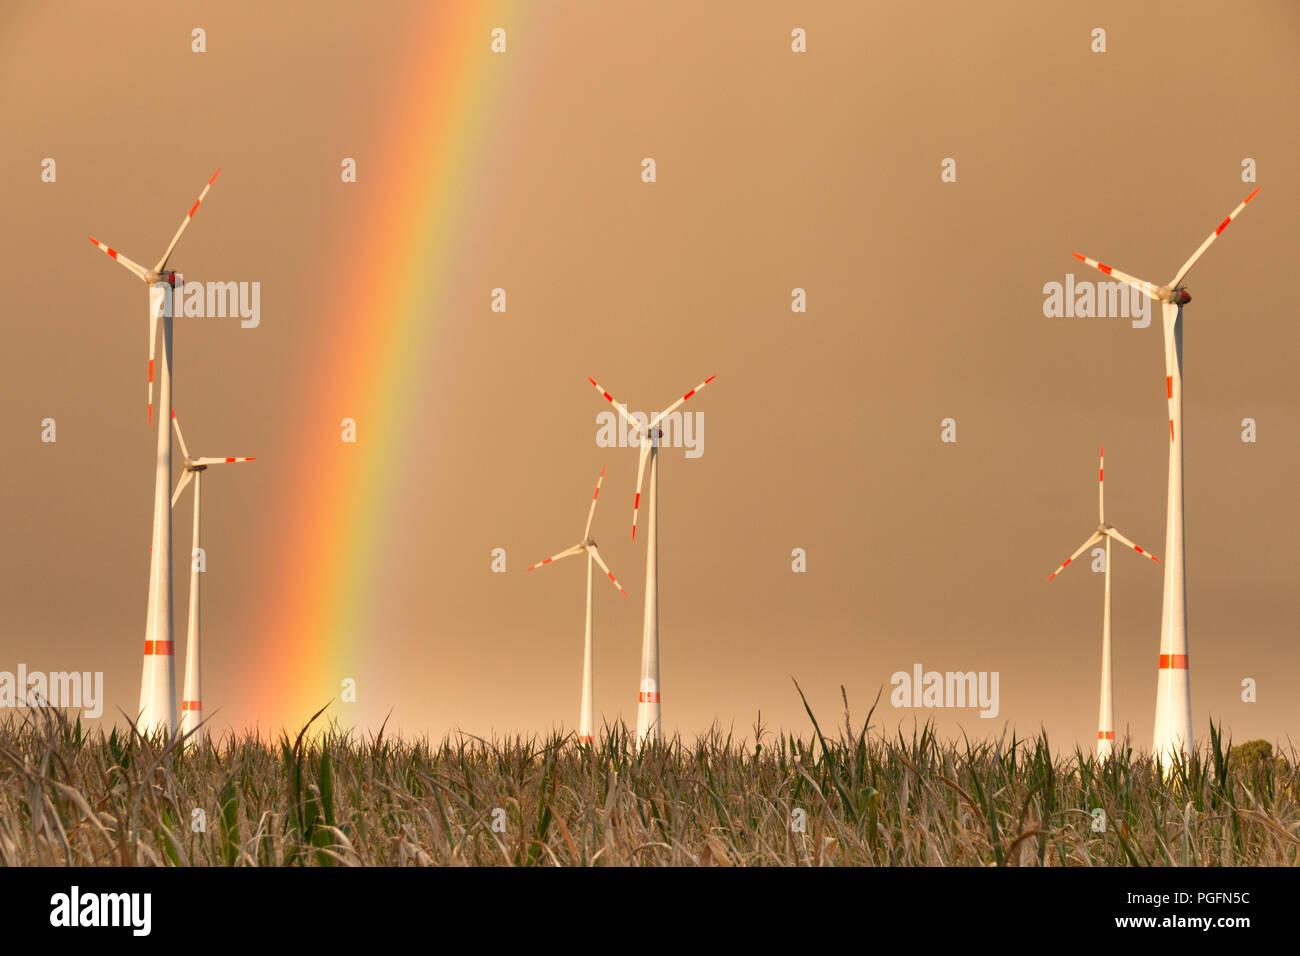 Allemagne - première tempête porte arc-en-ciel. TRÜSTEDT, ALLEMAGNE - le 25 août 2018: la première pluie de la saison produit un arc-en-ciel derrière éoliennes sur un terrain sec dans l'affaire Altmark près de Trüstedt, Allemagne. Credit: Mattis Kaminer/Alamy Live News Banque D'Images